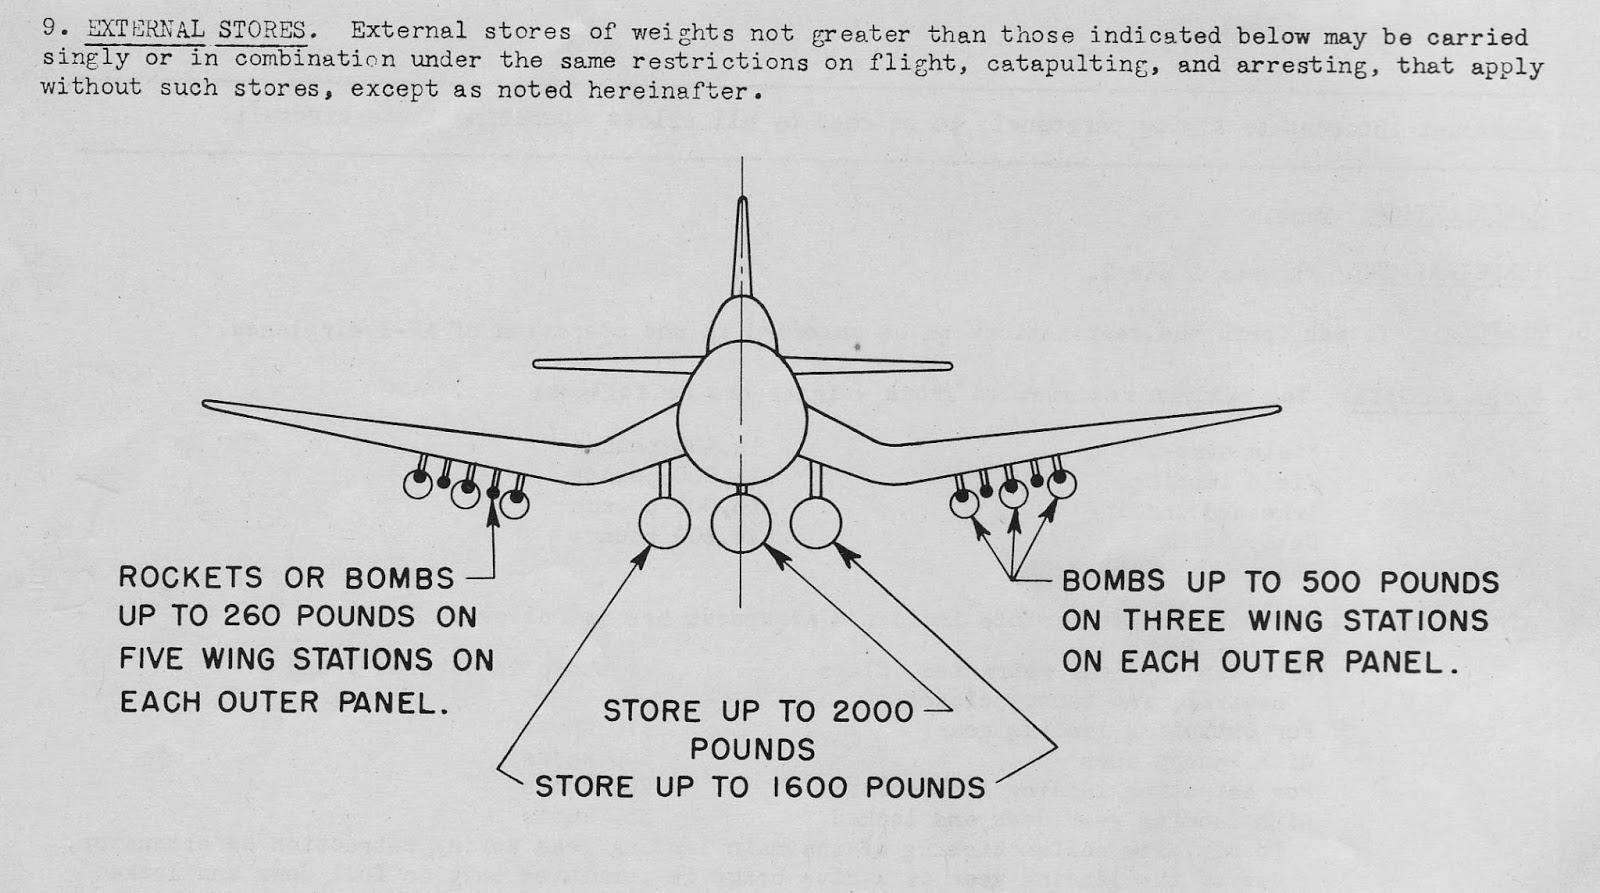 aircraft carrier diagram minn kota deckhand 40 wiring f 111 landing diagrams schemes